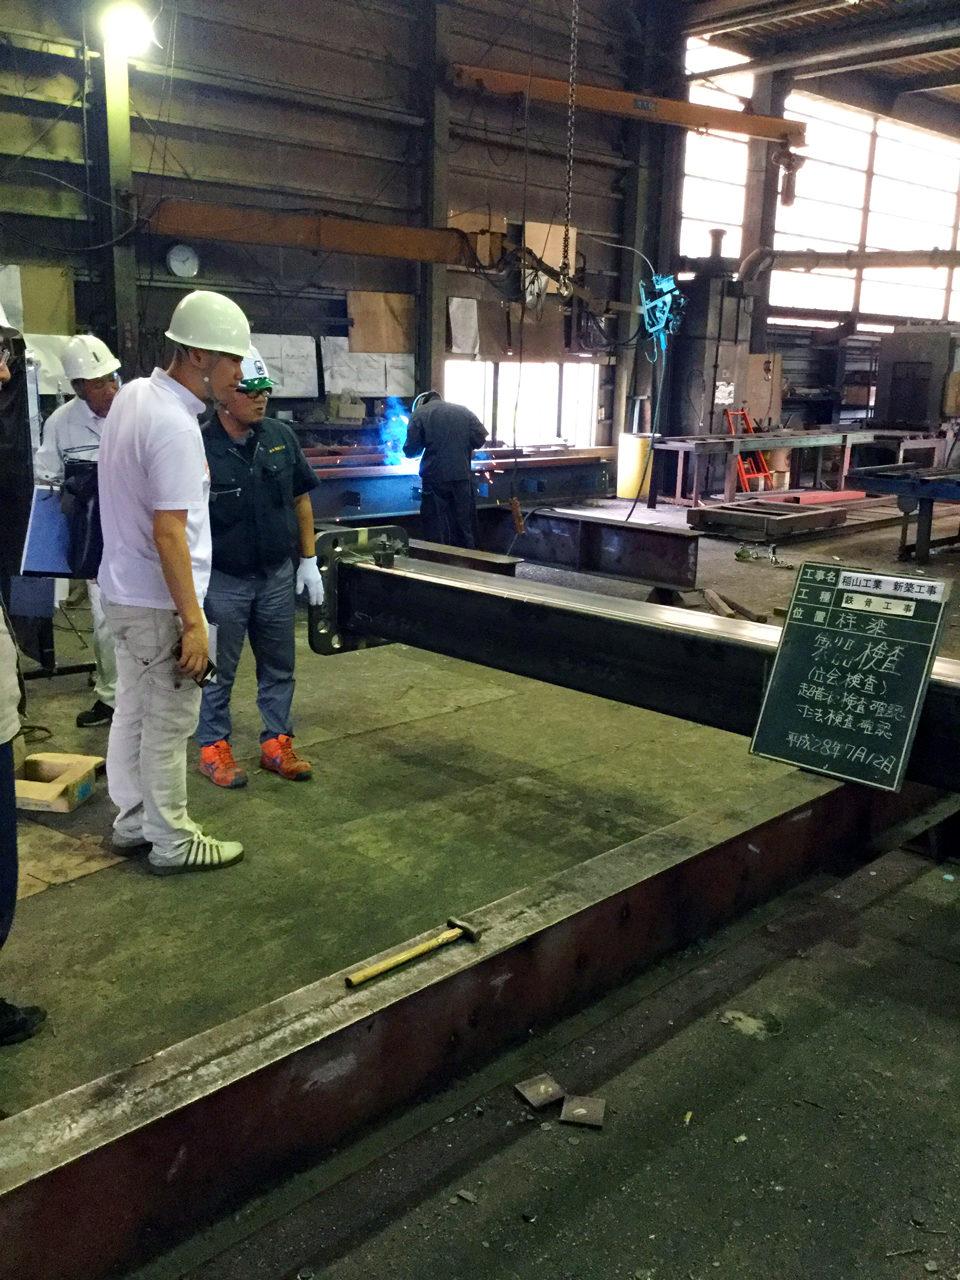 今津さつき 設計・デザインをしたI-NC旋盤・機械部品加工工場の鉄骨製品検査・鉄骨超音波探傷試験